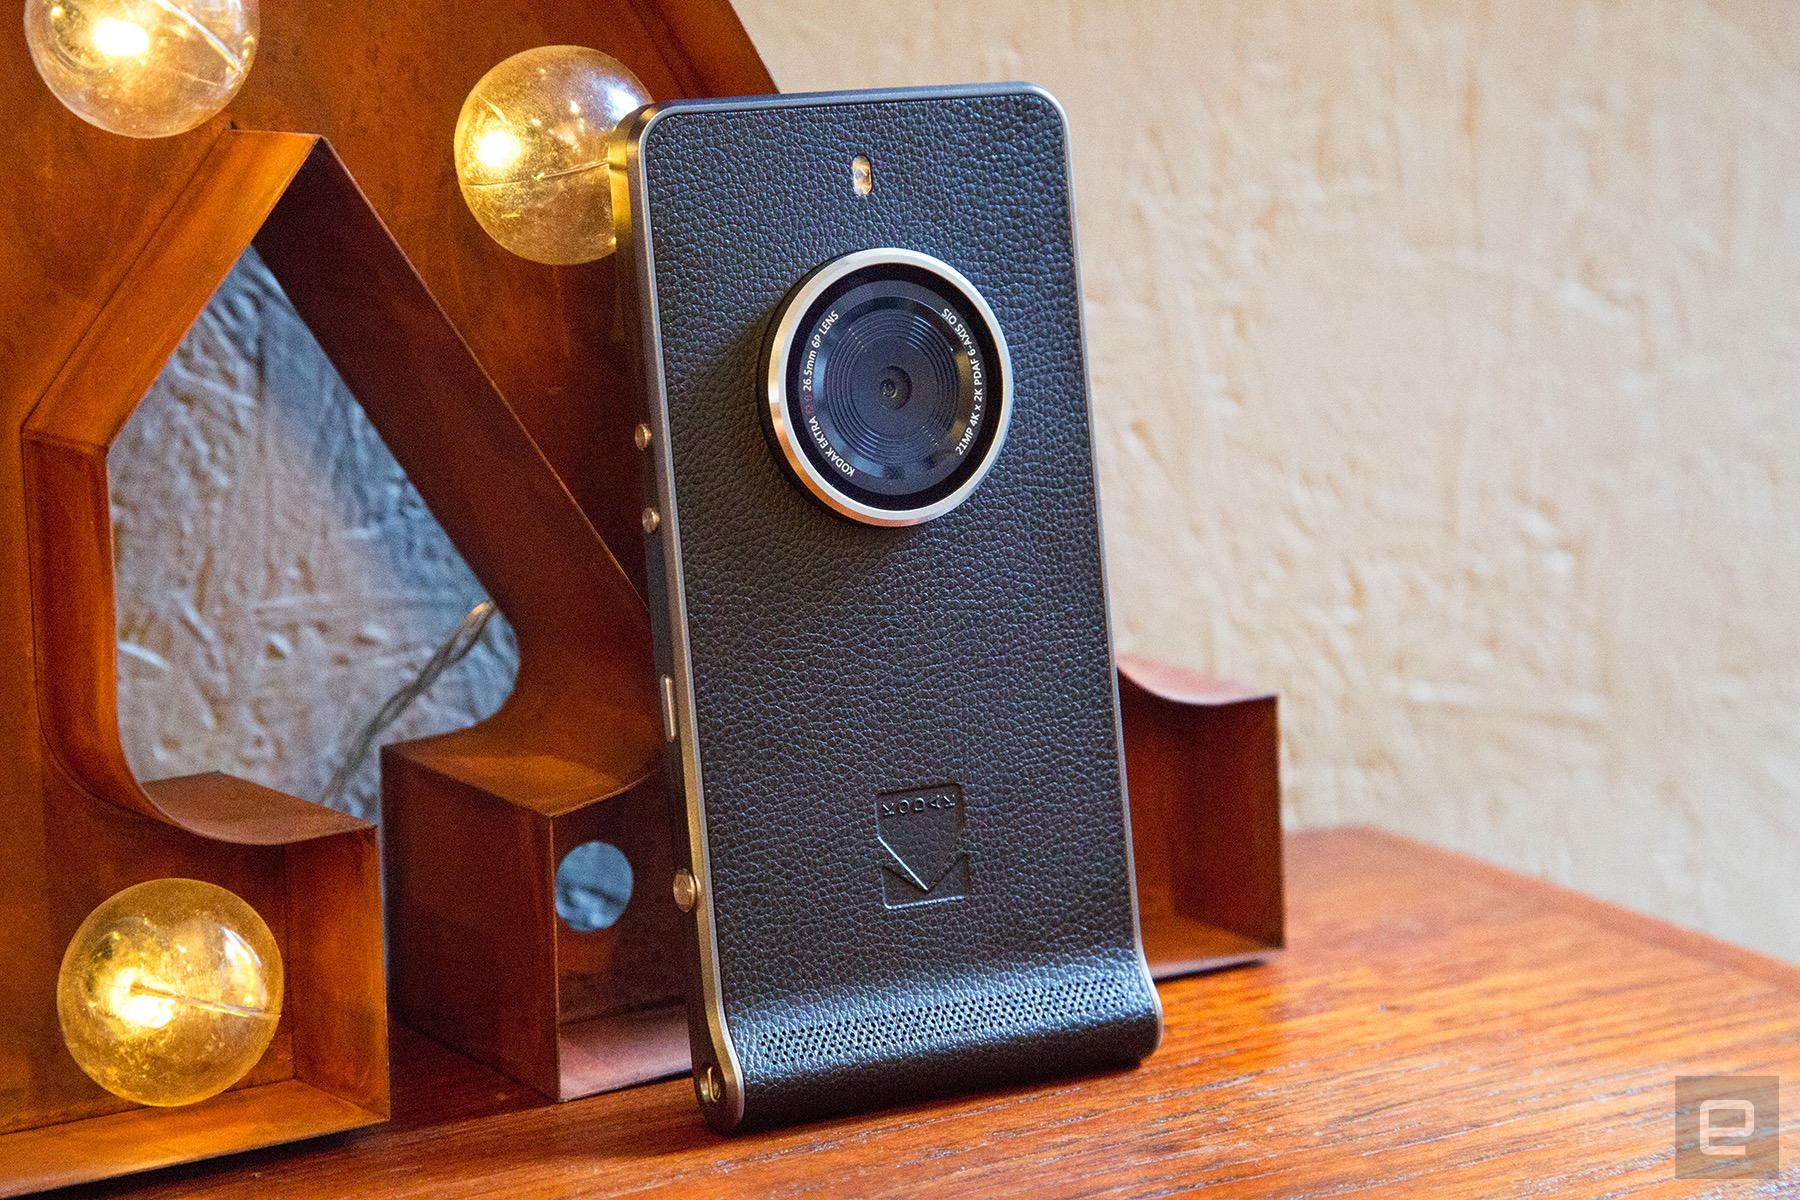 Kodak vuelve a intentarlo con Ektra, un teléfono pensado para fotógrafos